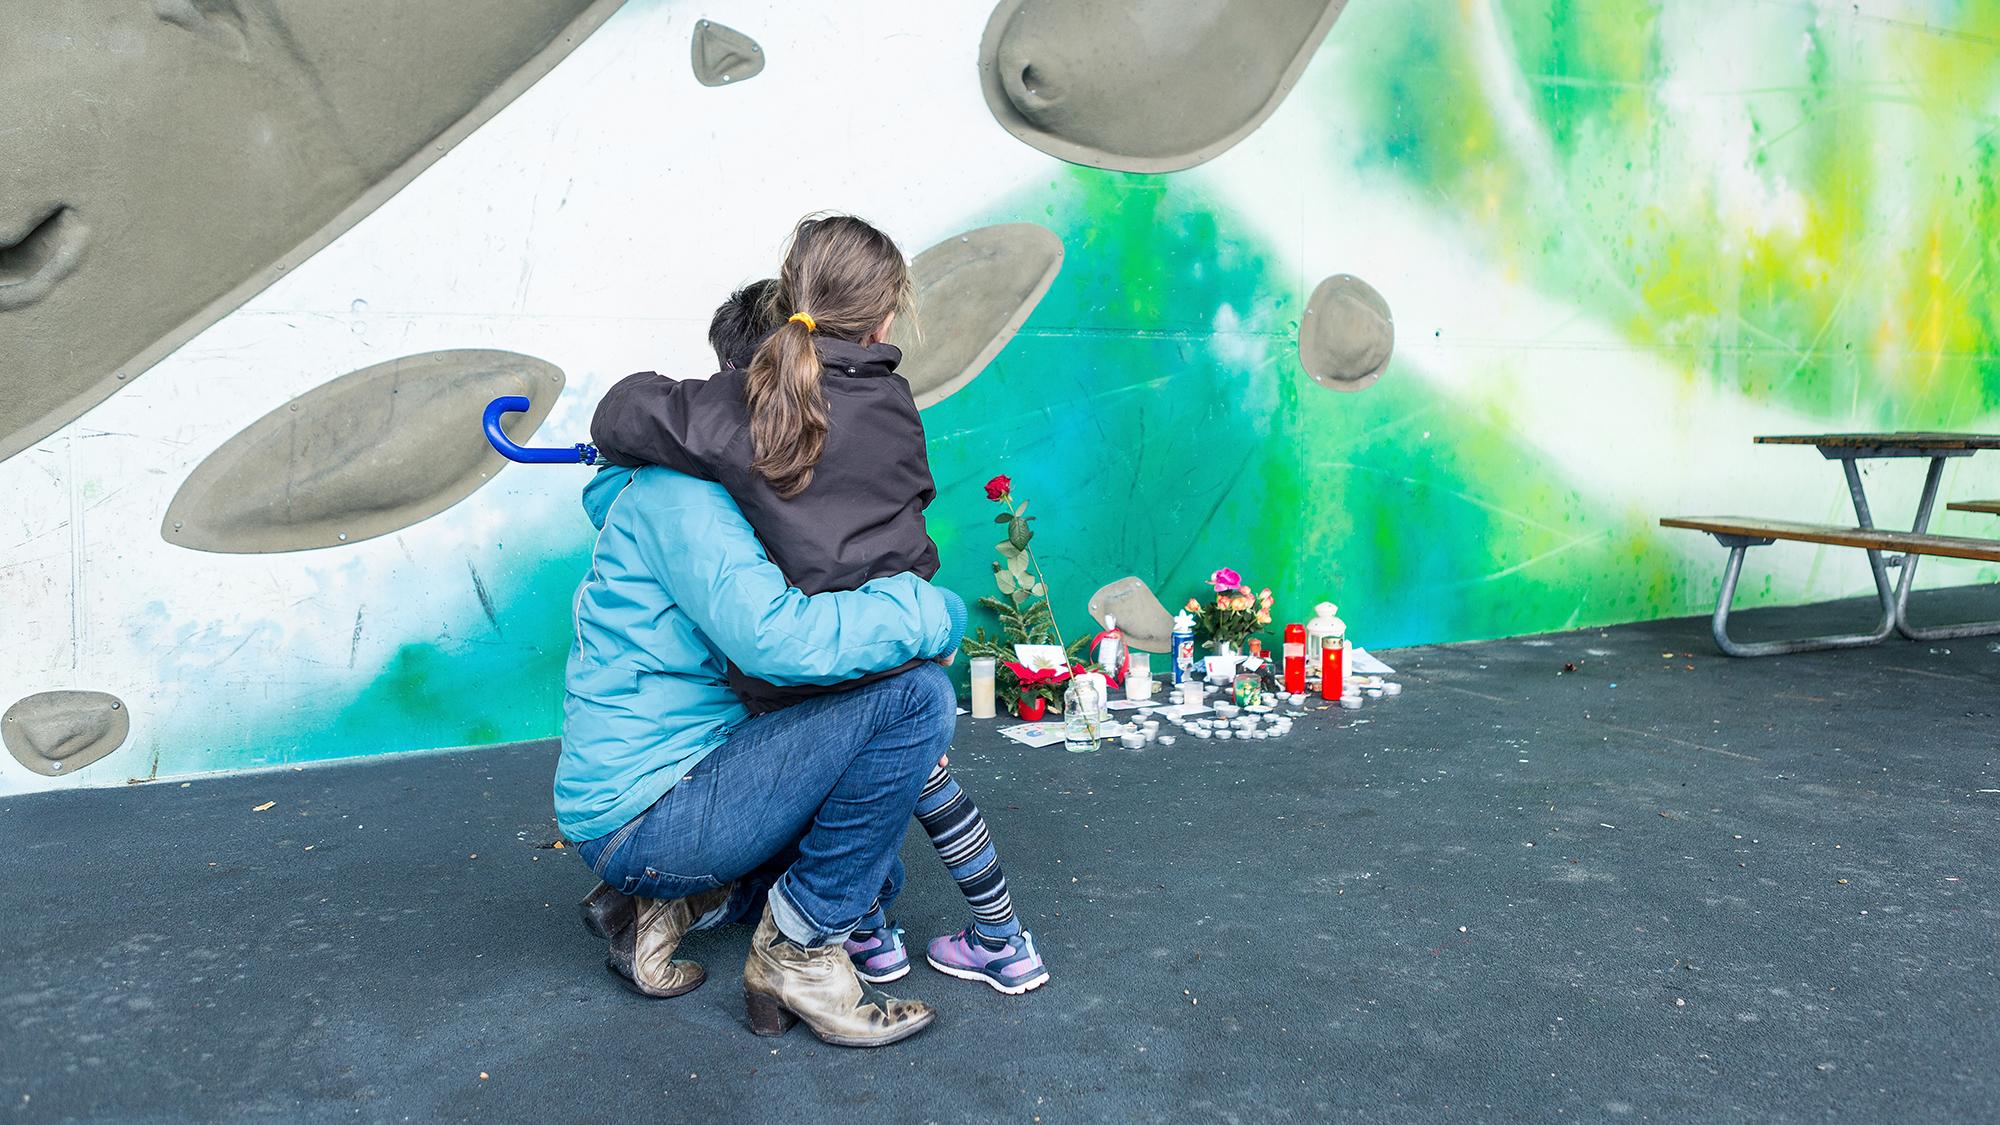 Warum ist Georges nicht mehr da? Eine Mutter trauert mit ihrem Kind am Gedenkort bei der Dreirosenbrücke.